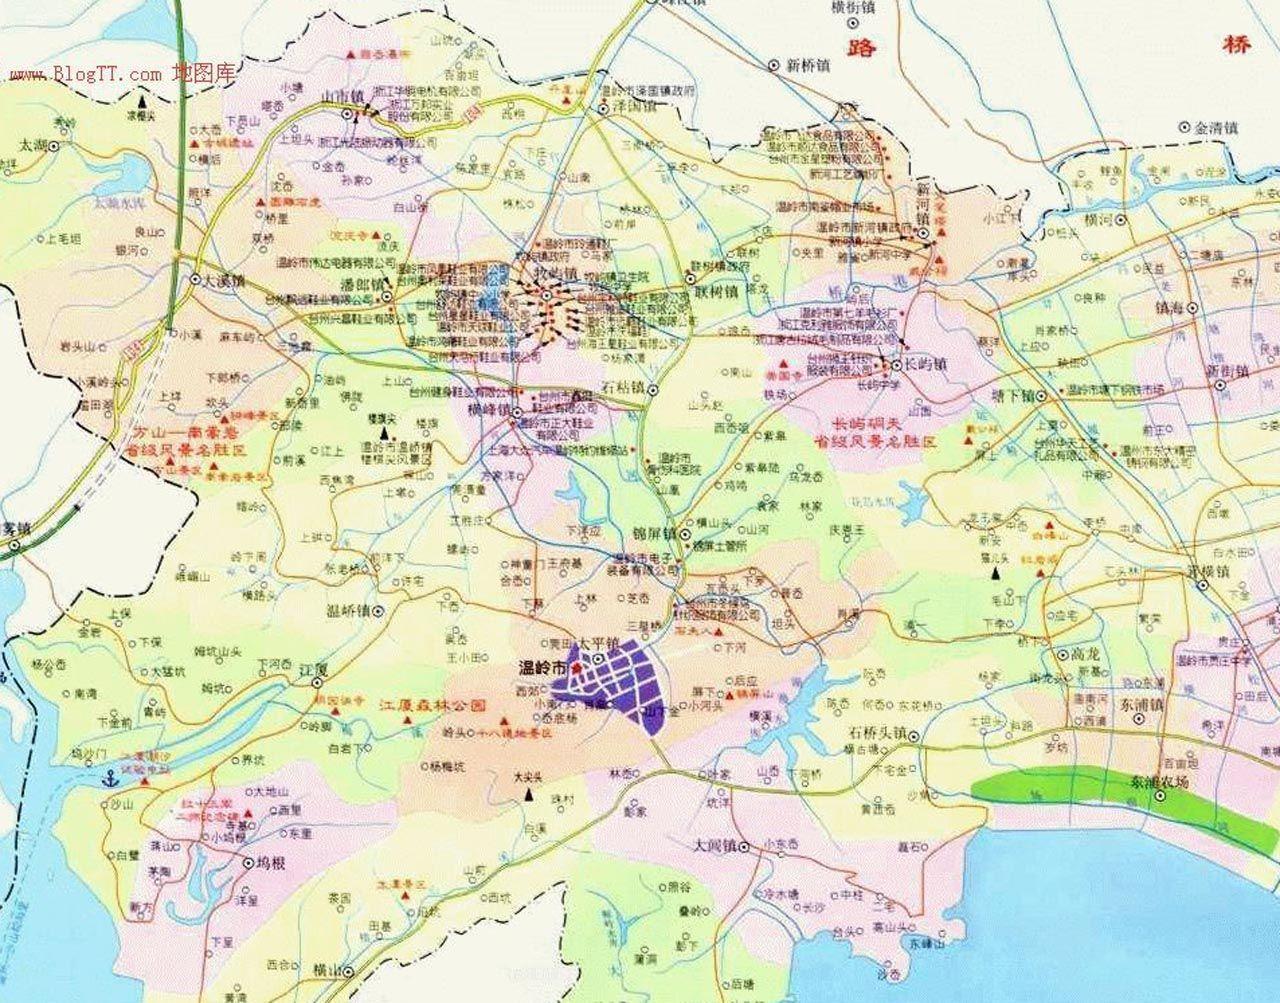 台州市地图(1:180000)